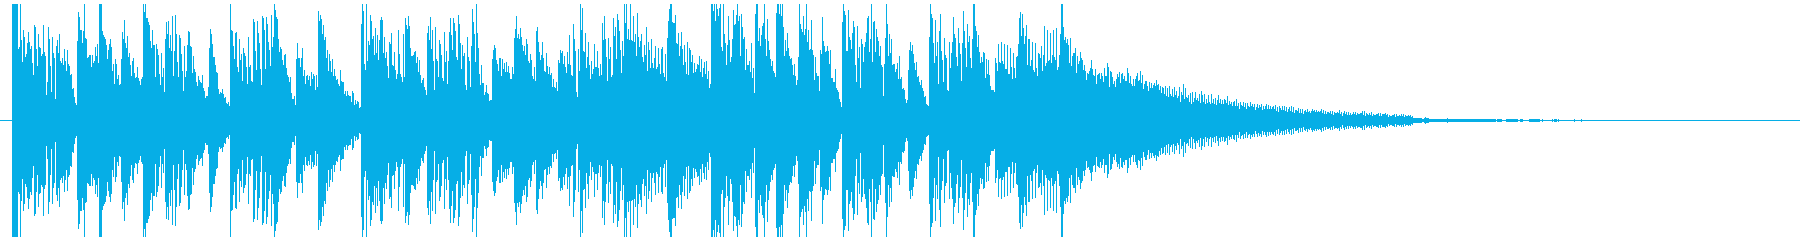 オープニング用ショートジングルの再生済みの波形